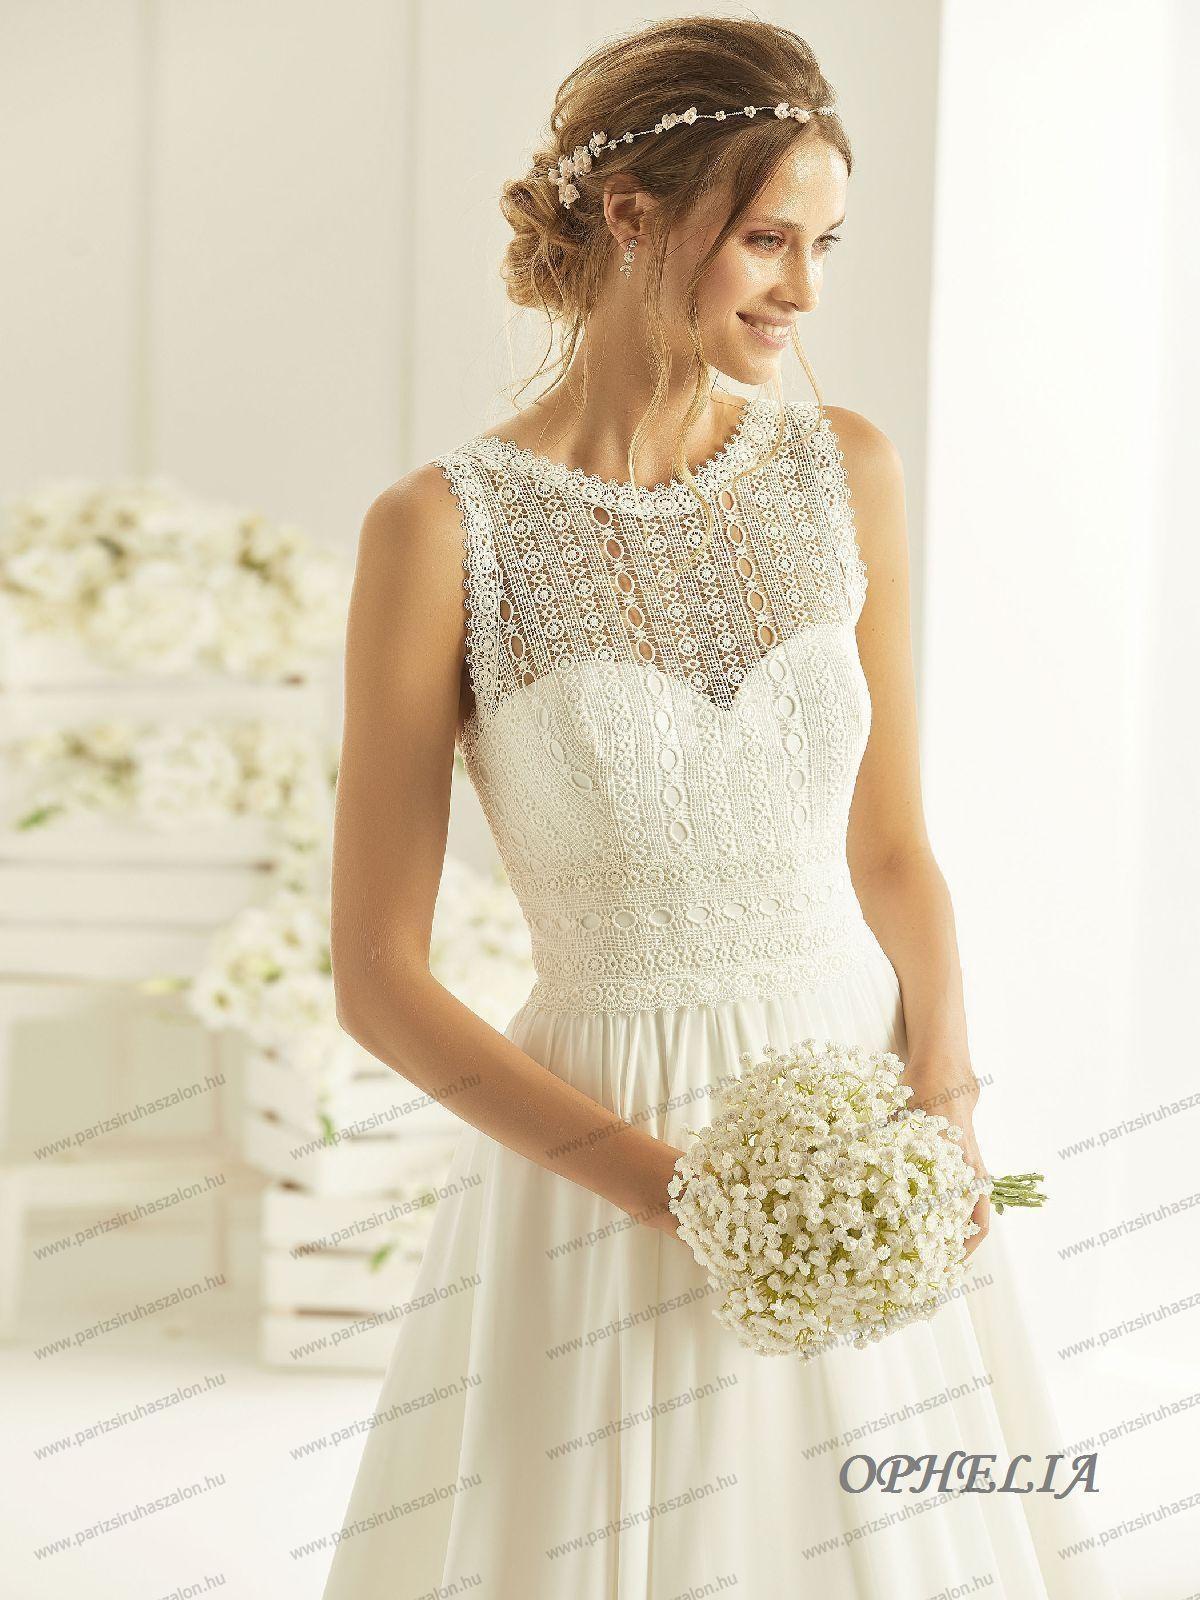 17b543dd6b OPHELIA menyasszonyi ruha | BIANCO EVENTO német hosszú, és rövid  menyasszonyi ruhák. (cikkszám: OPHELIA menyasszonyi ruha)